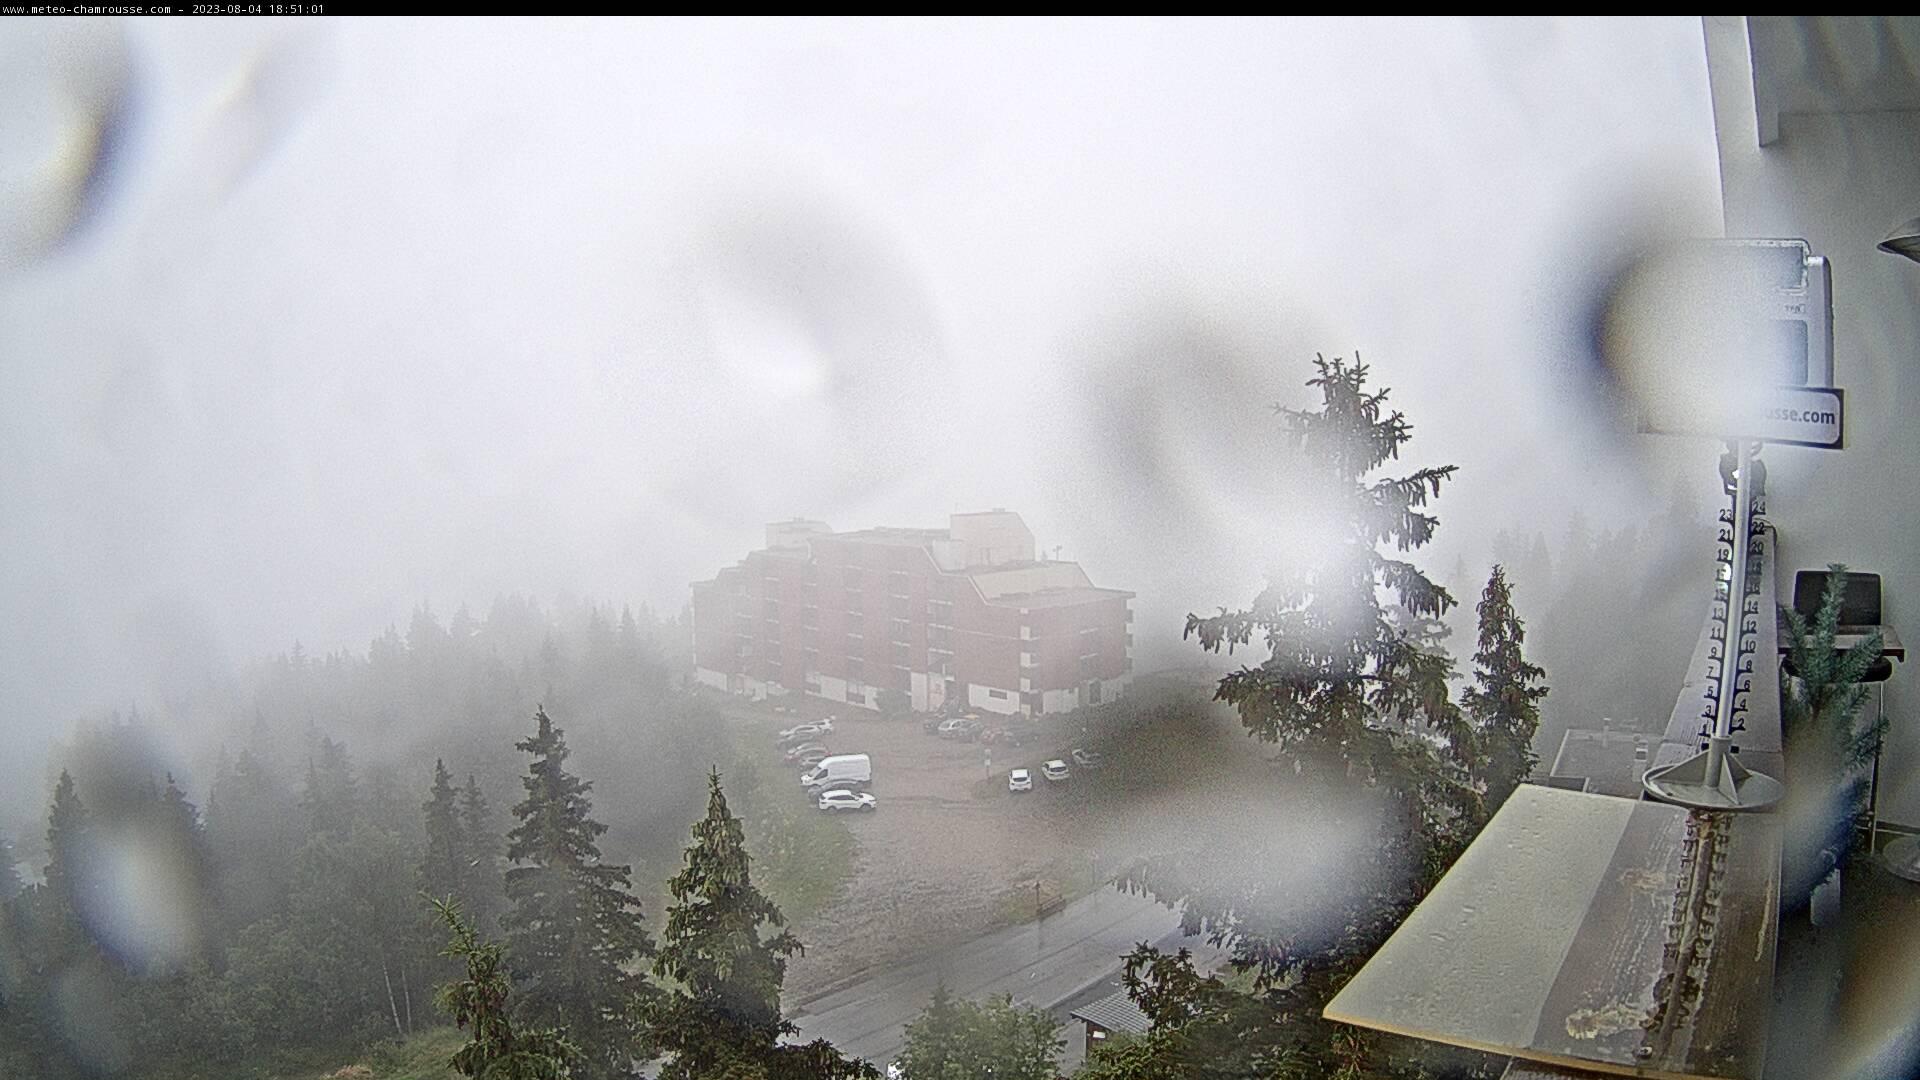 Notre webcam de chamrousse - Roche Béranger - alt. 1800 m - vue vers Grenoble et le Recoin